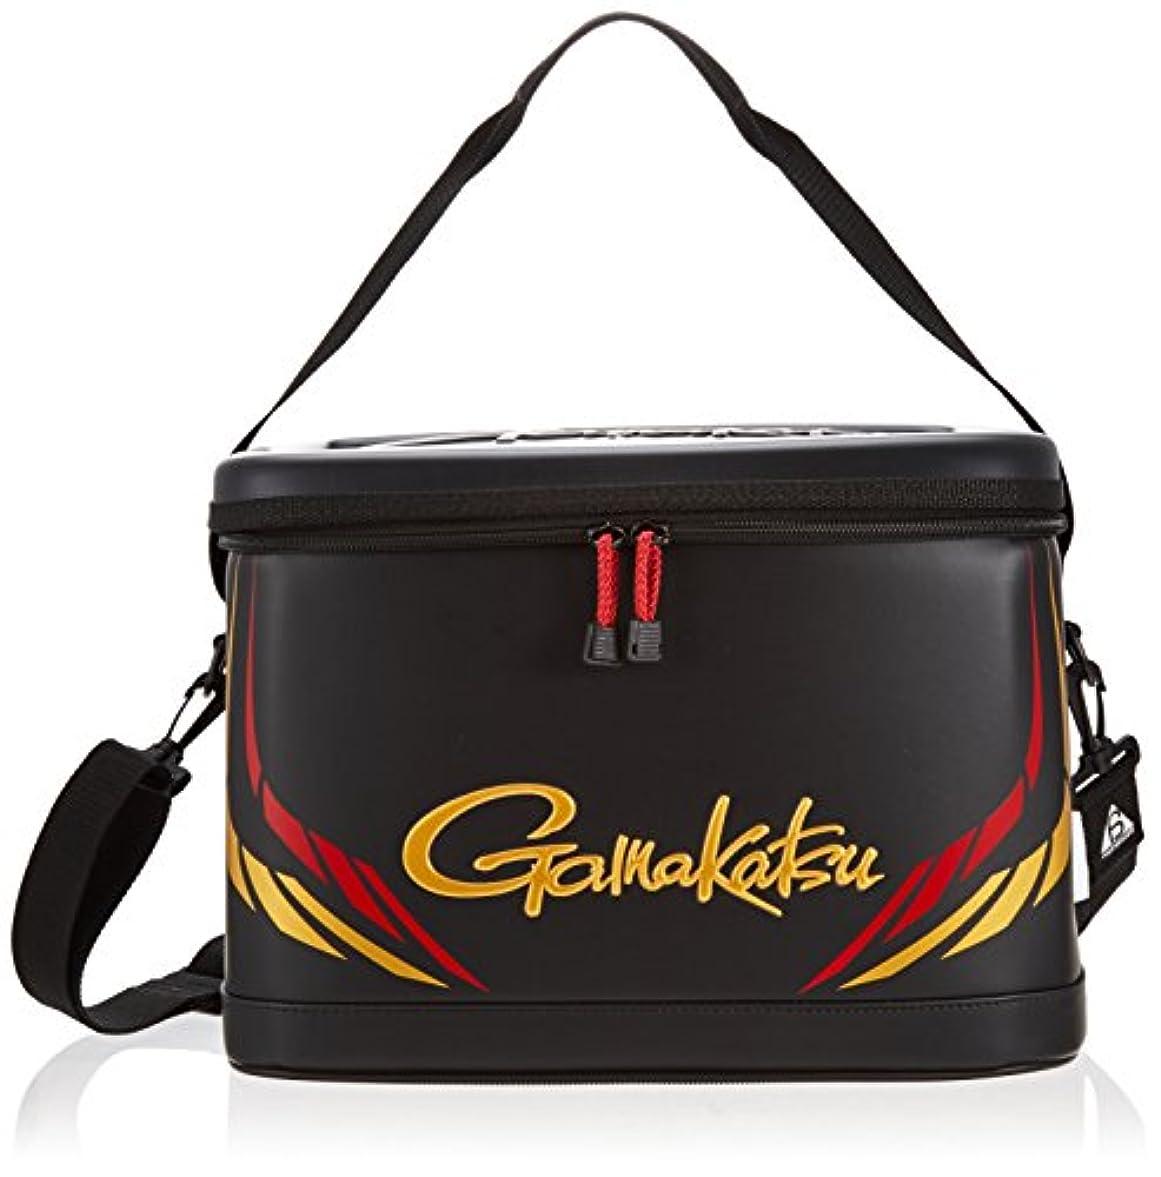 振る舞う鋸歯状落ちたがまかつ(Gamakatsu) ライトタックルバッグ GB312 ブラック/ゴールド.